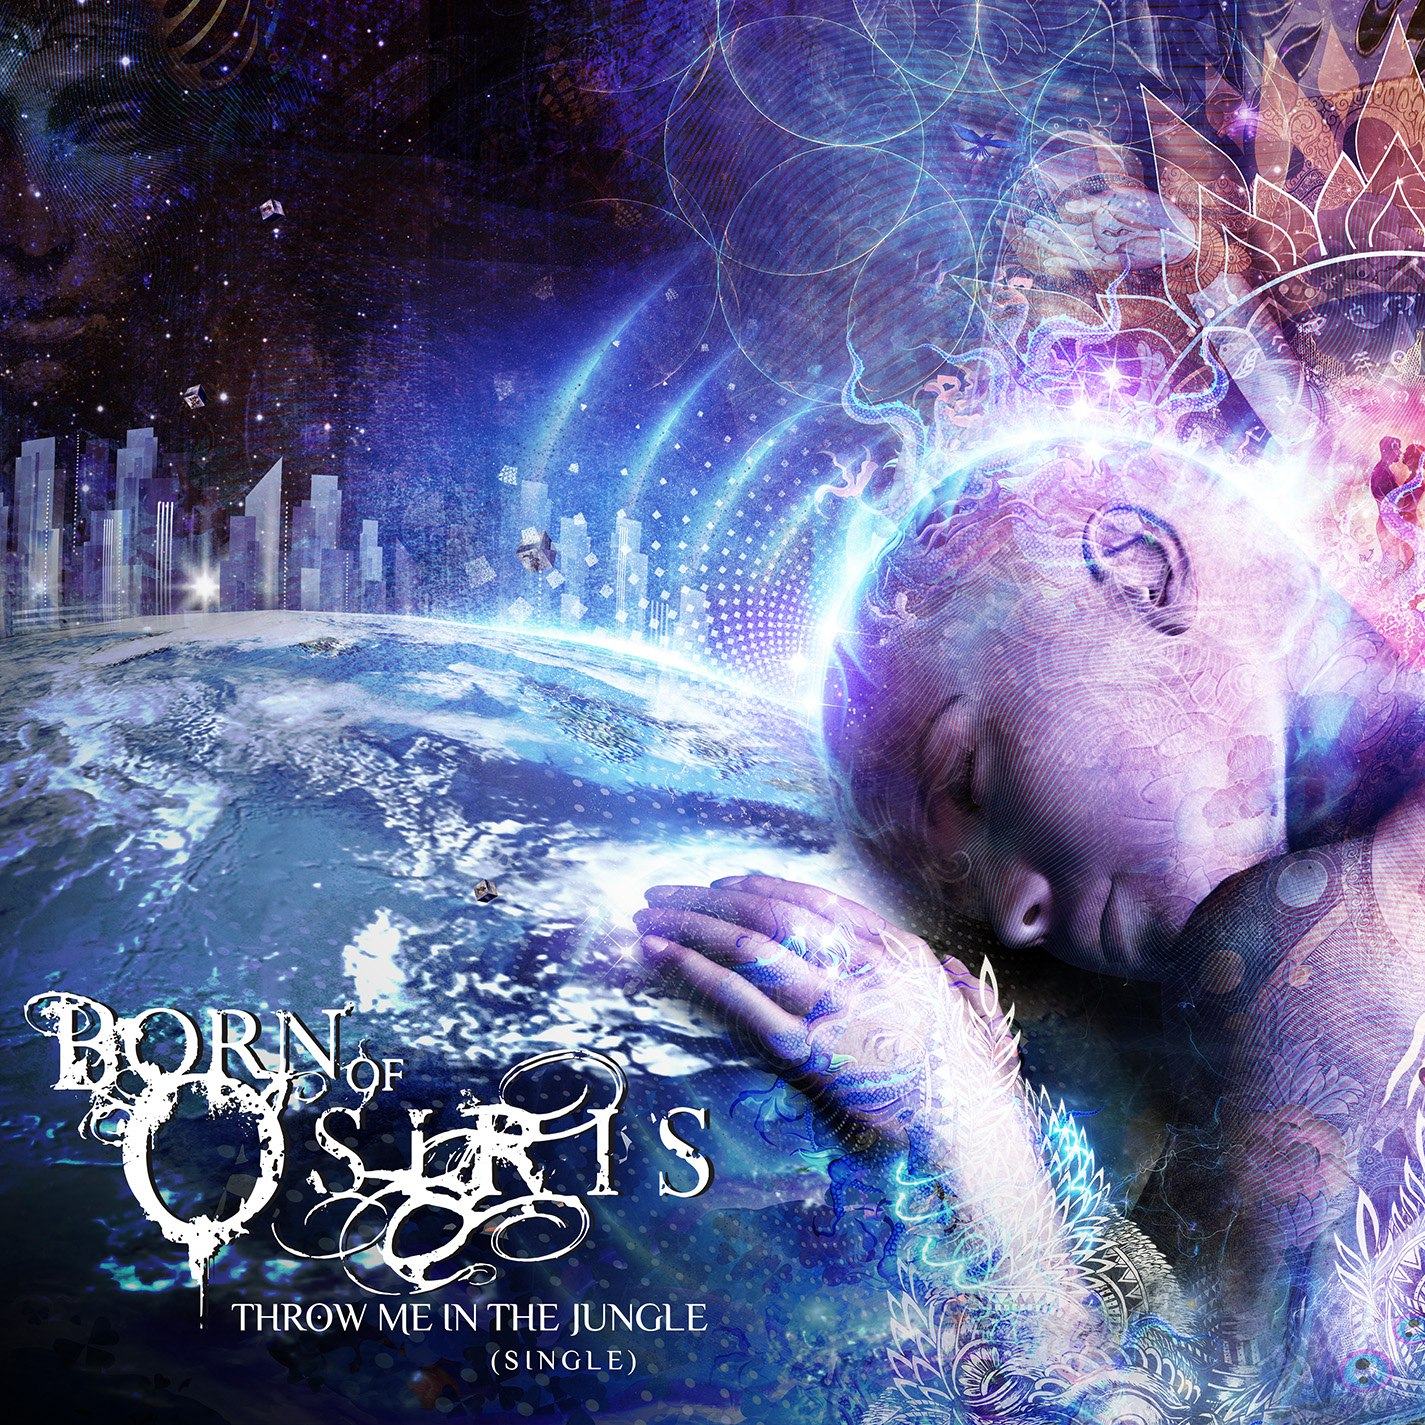 Born of Osiris – Throw Me In The Jungle [Single] (2015)